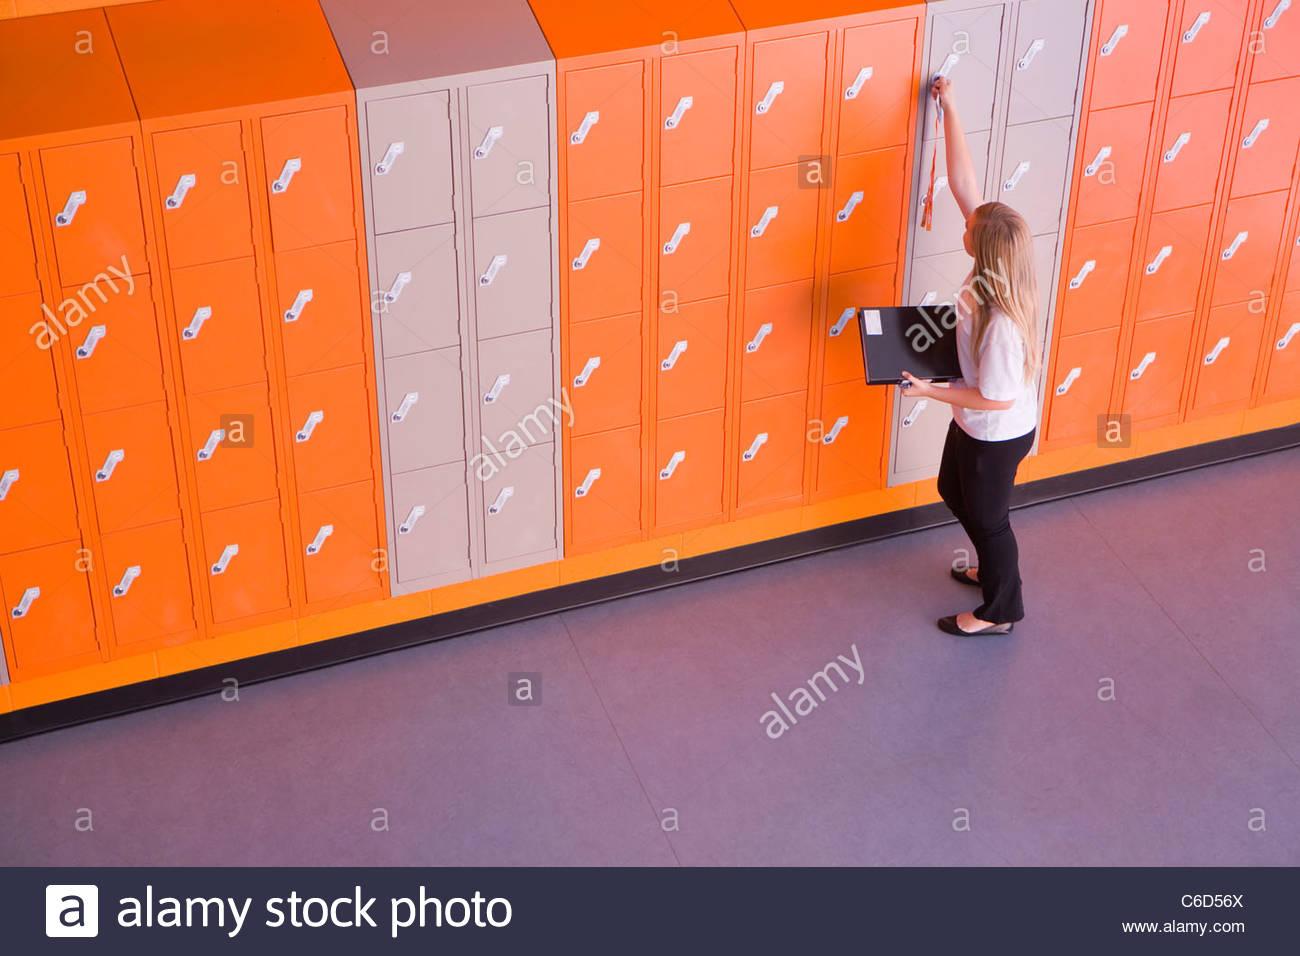 Chica locker de apertura en la escuela pasillo Imagen De Stock